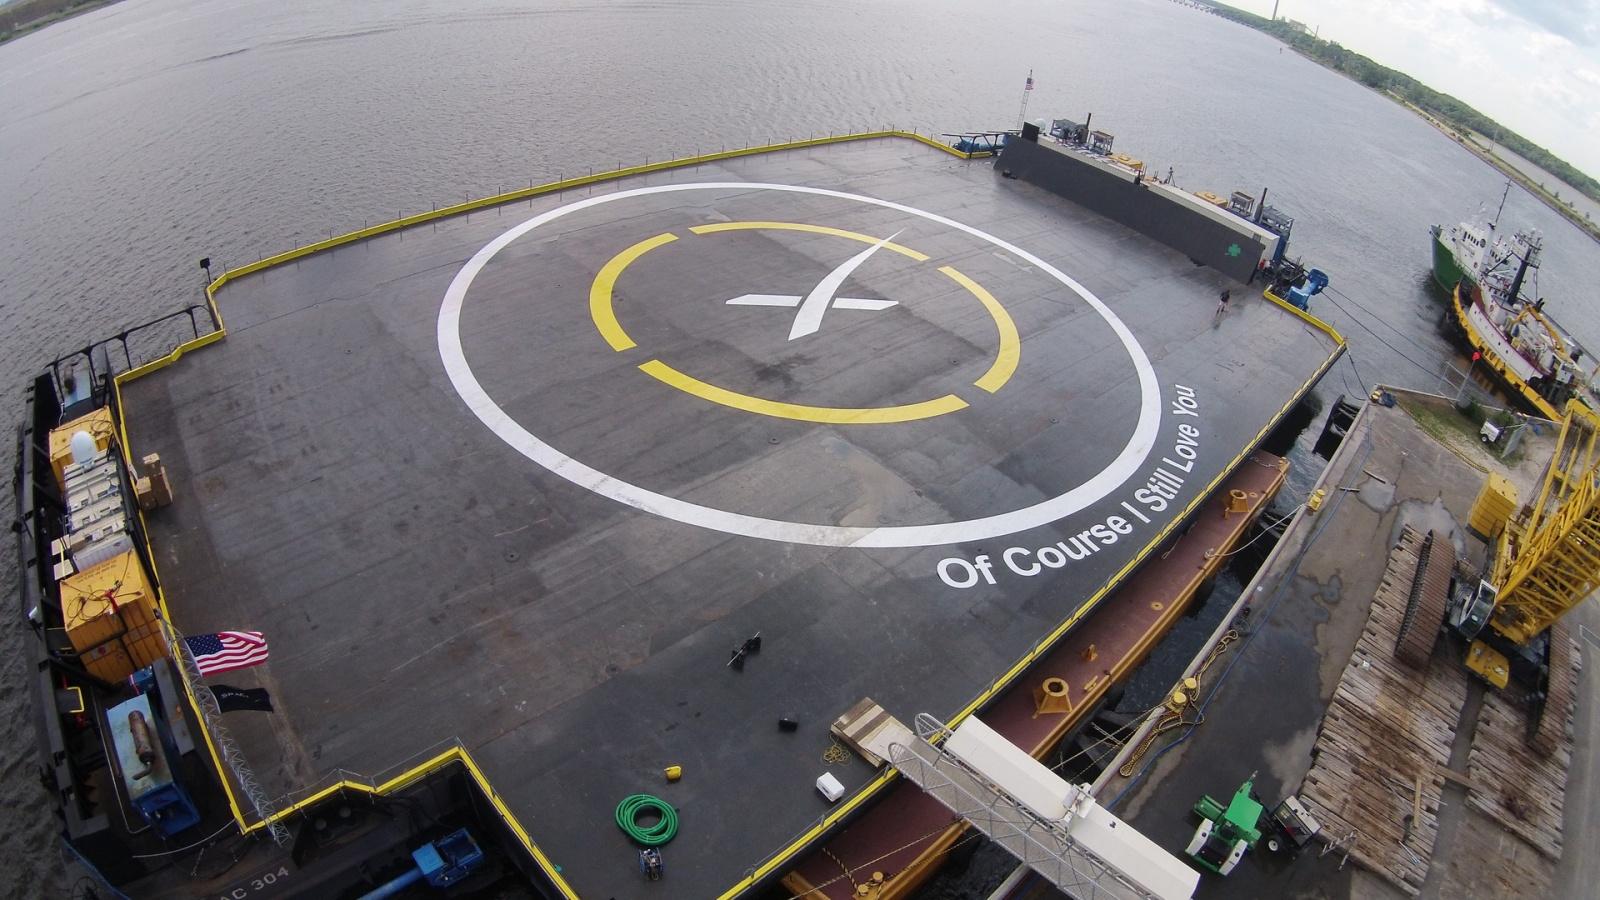 [Корабль утерян] Где посмотреть трансляцию третьей попытки SpaceX посадить первую ступень ракеты - 2